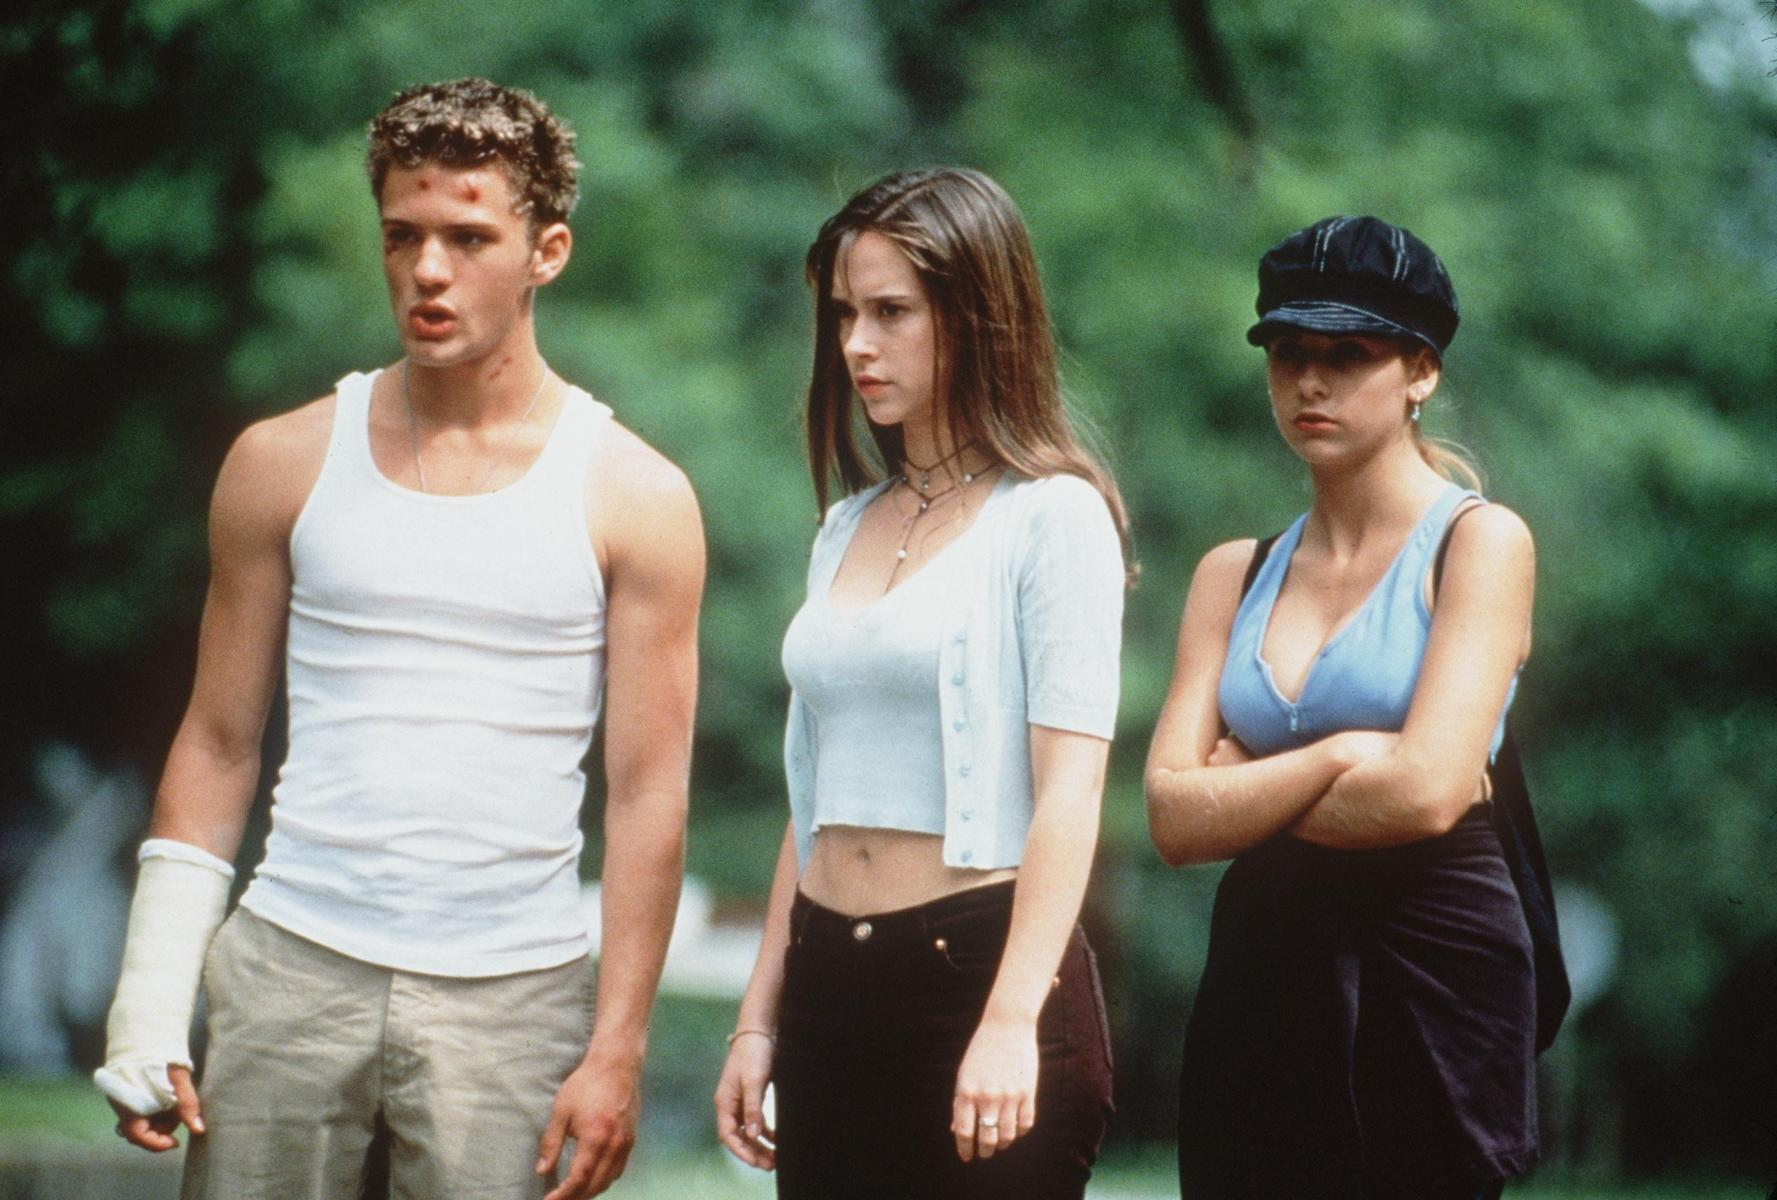 Sé lo que hicisteis el último verano (1997) - Filmaffinity